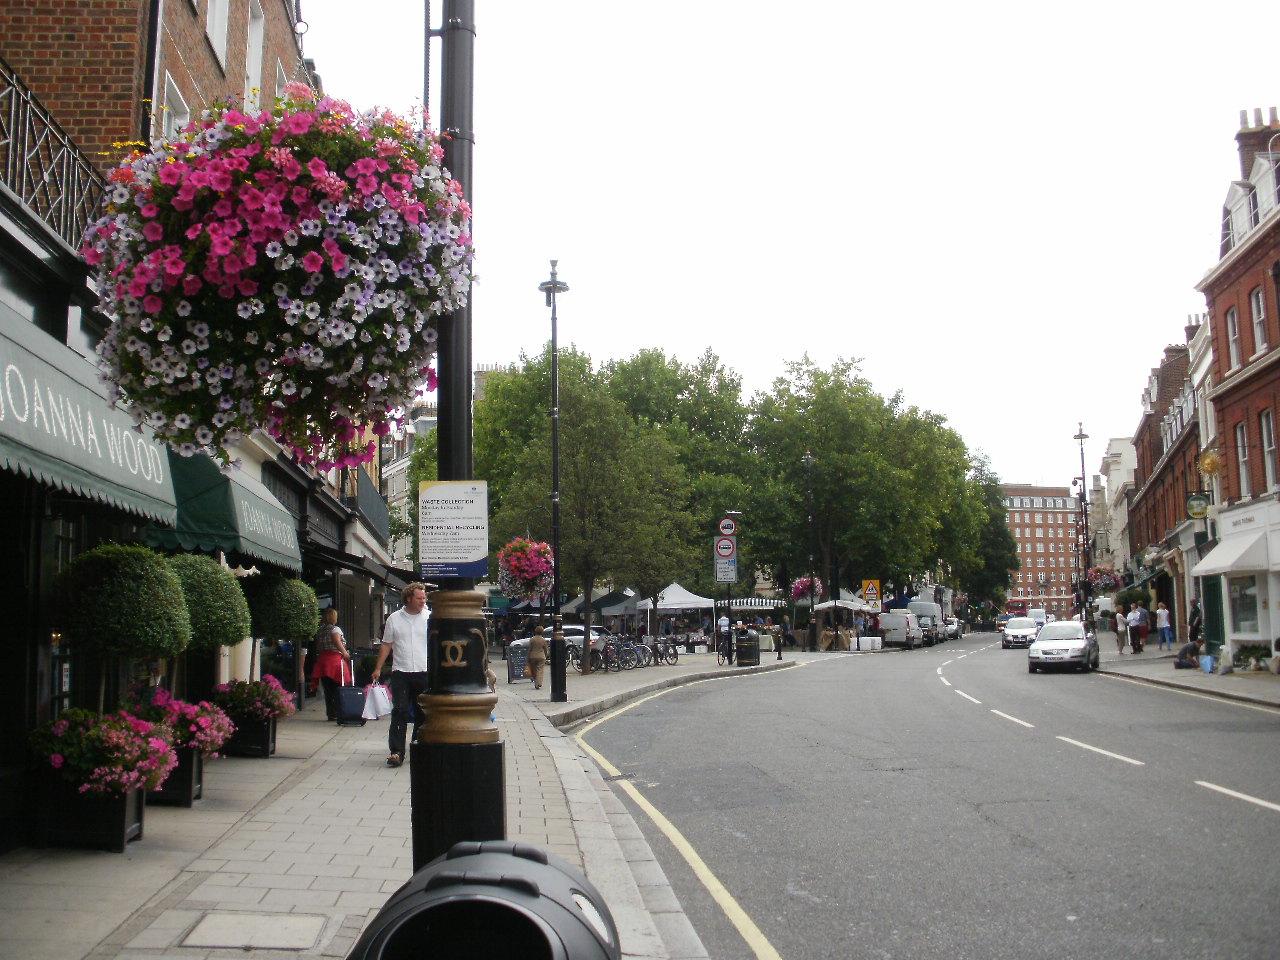 ロンドンでもマーケットに行ってみた♪_f0095325_19521795.jpg